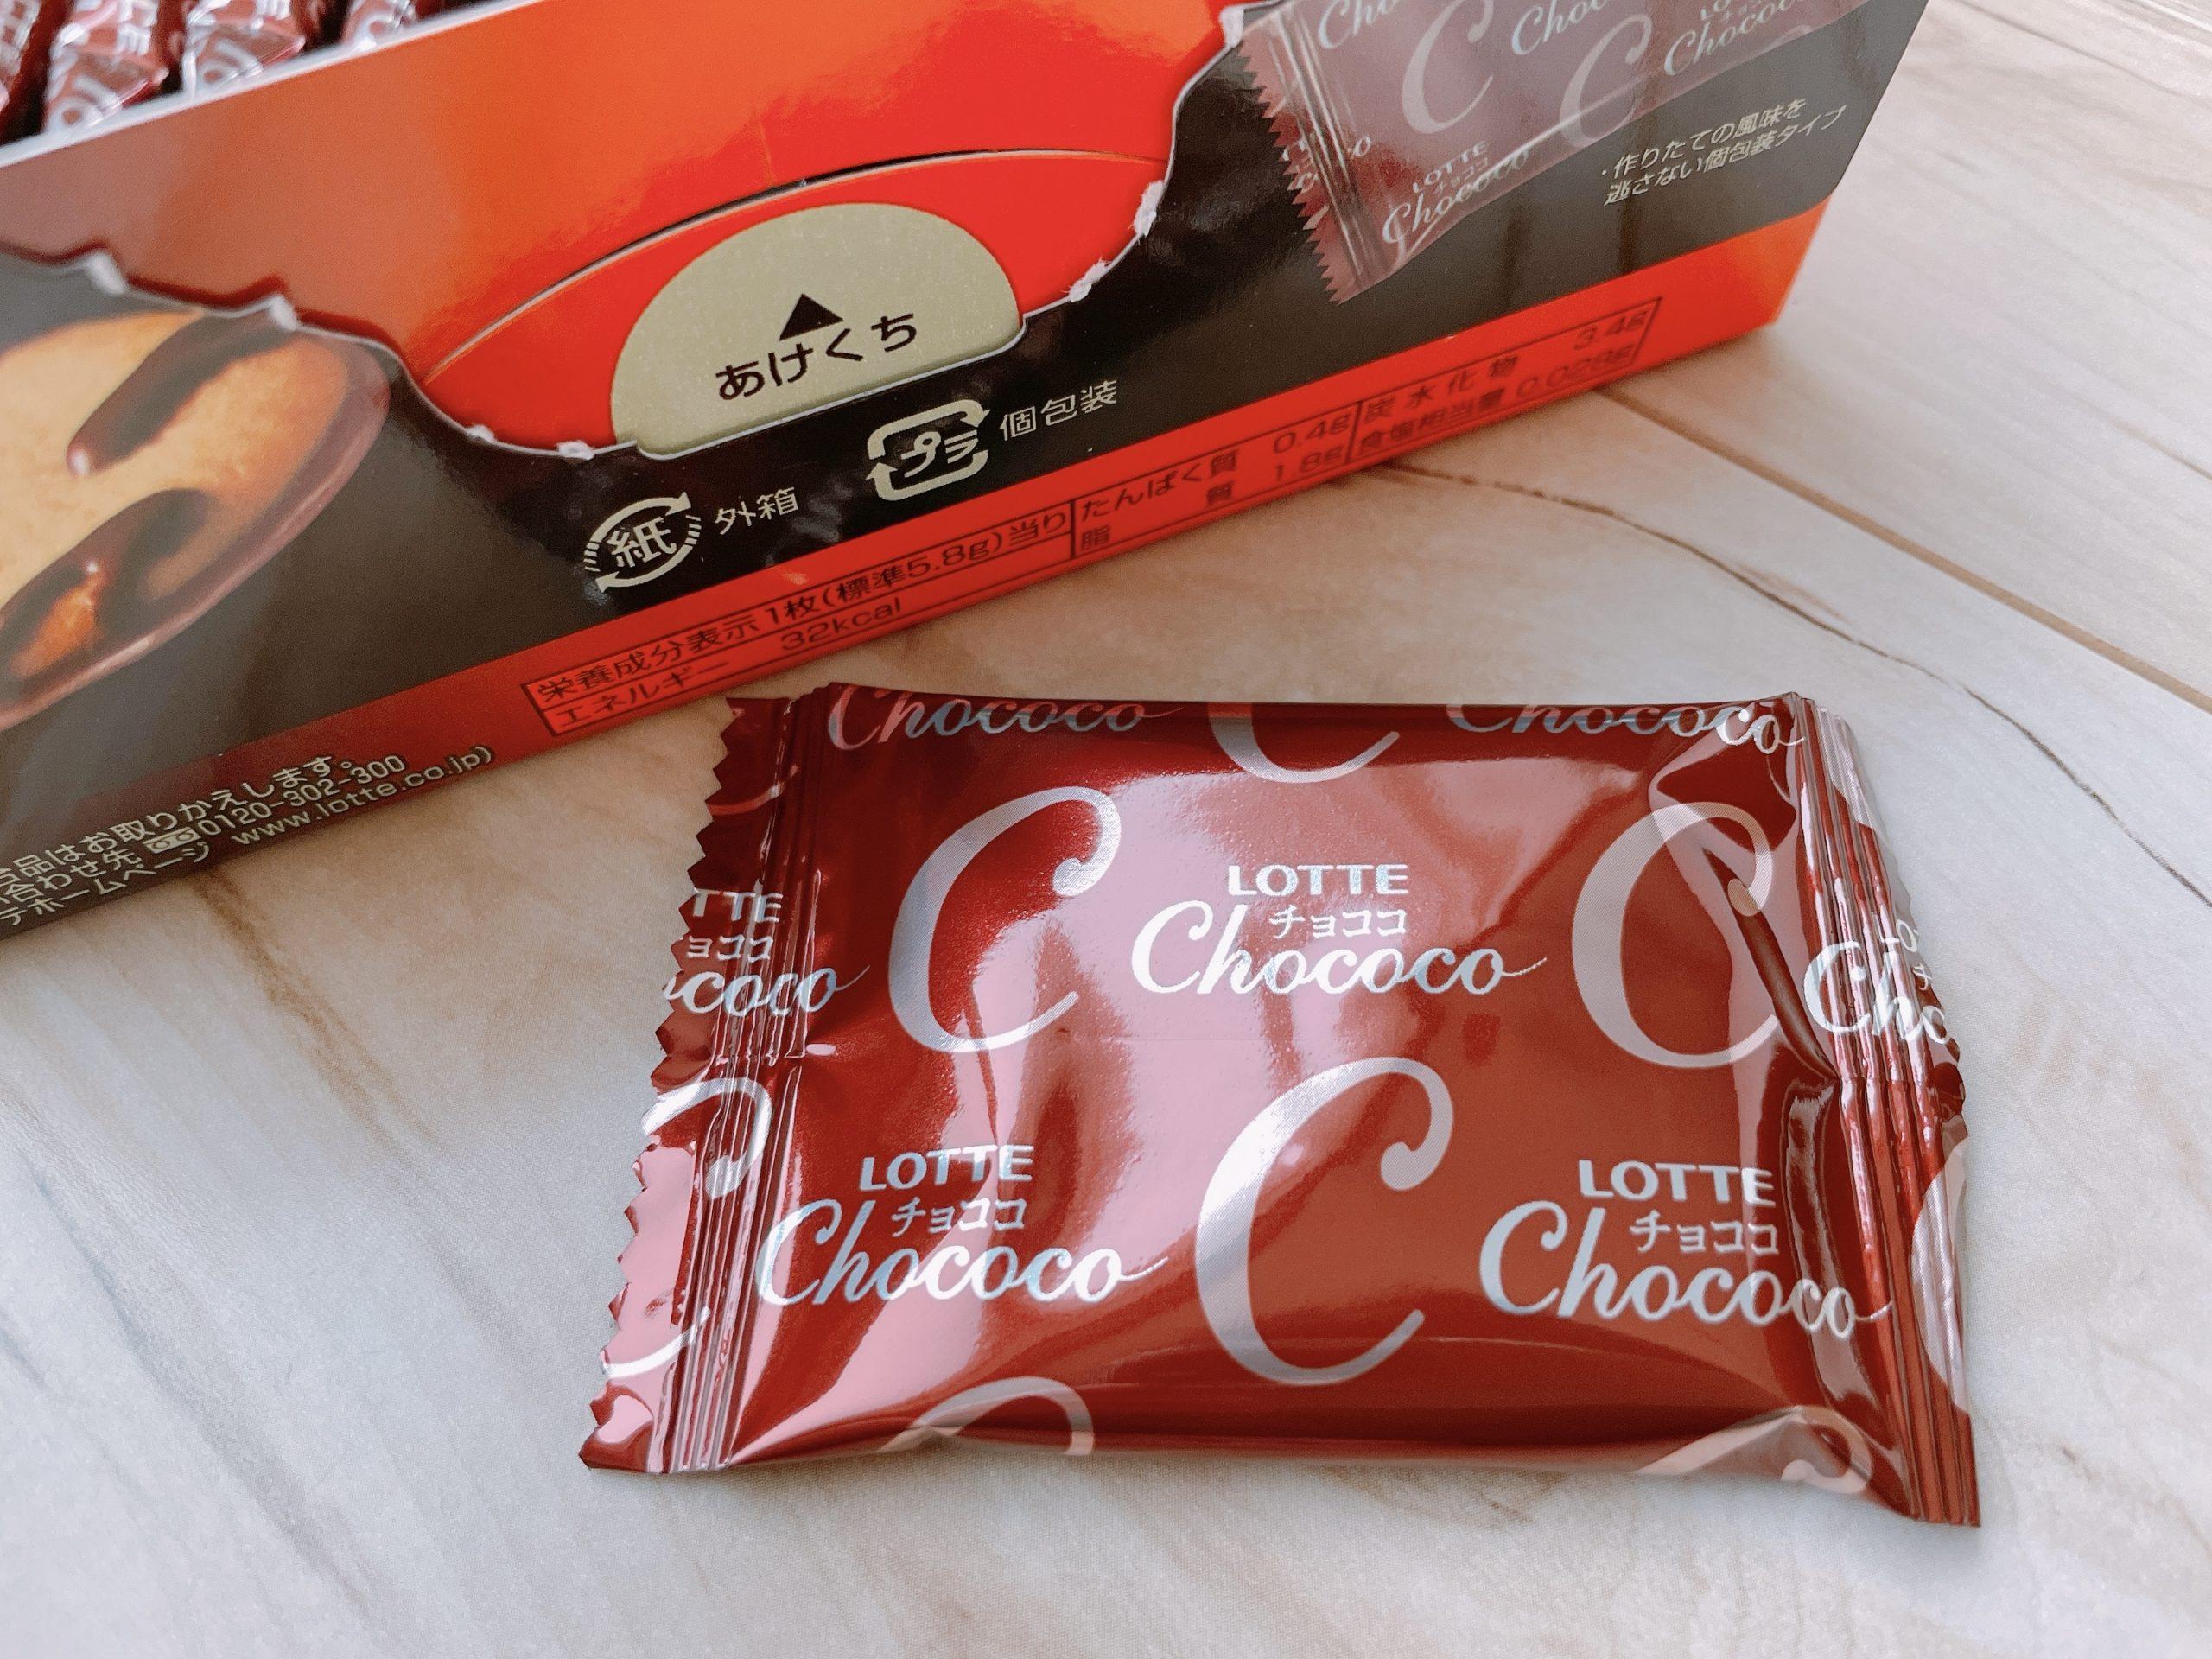 チョココの個包装デザイン